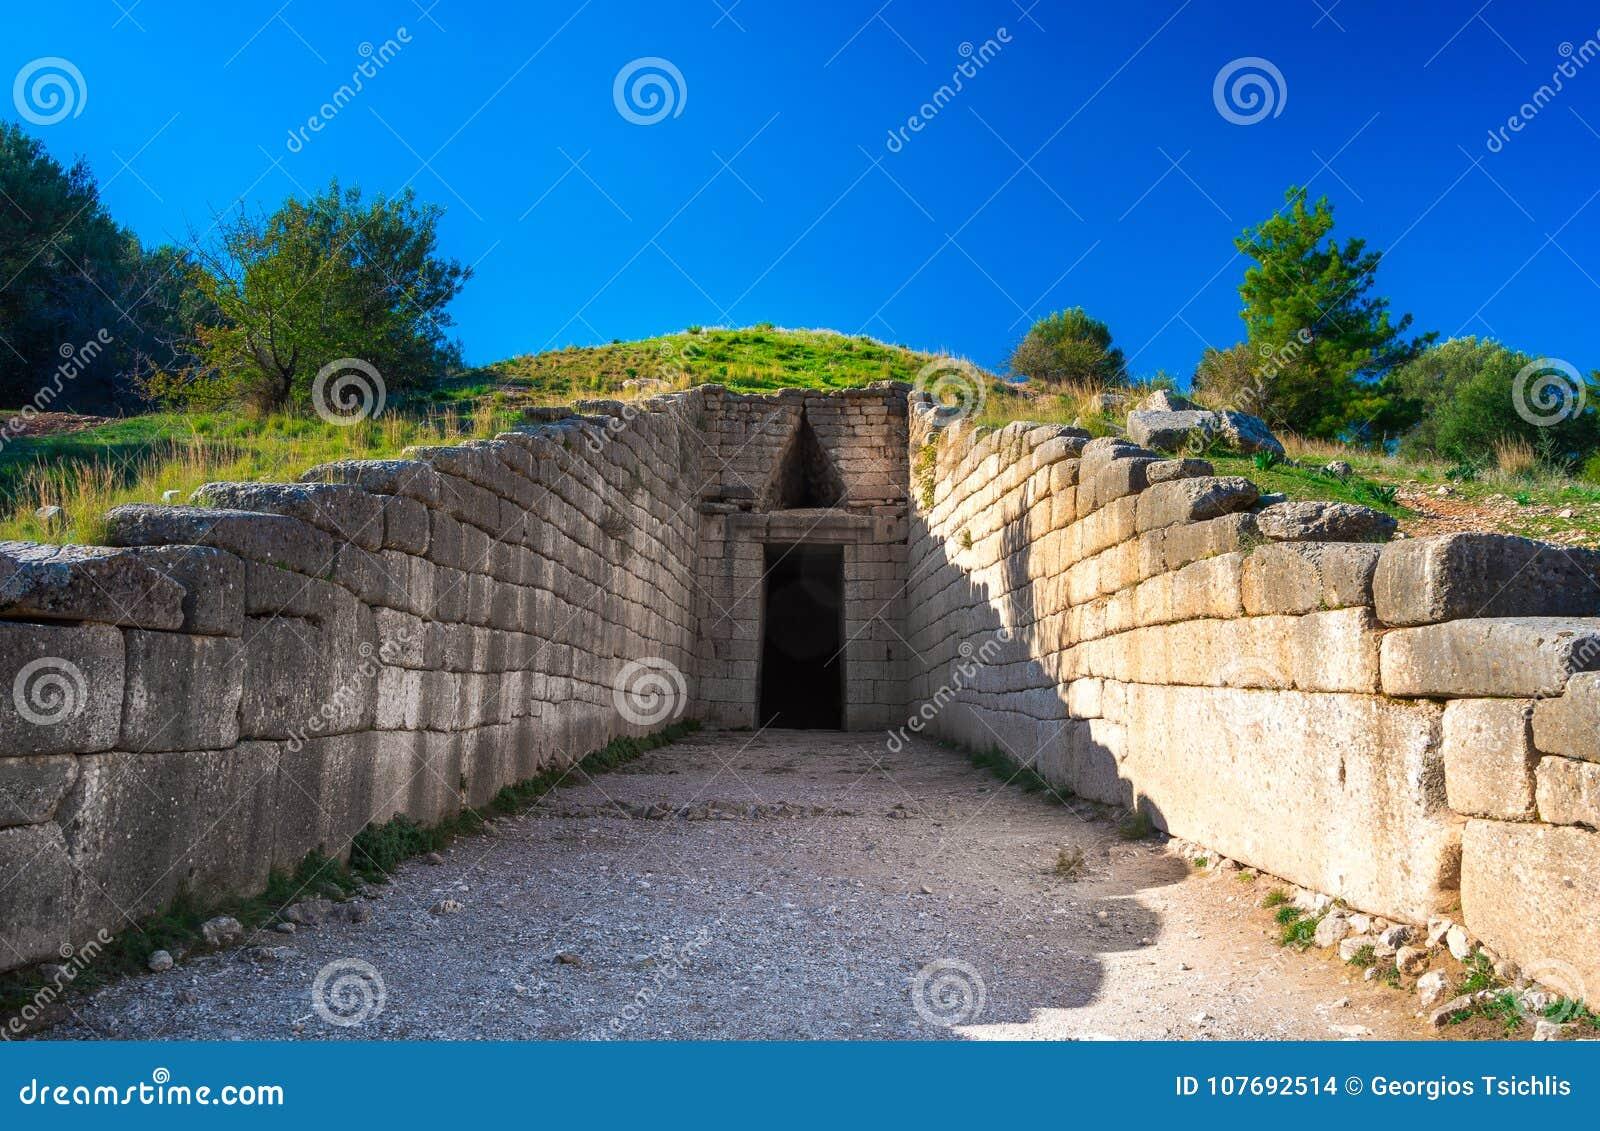 El sitio arqueológico de Mycenae cerca del pueblo de Mykines, con las tumbas antiguas, las paredes gigantes y la puerta famosa de